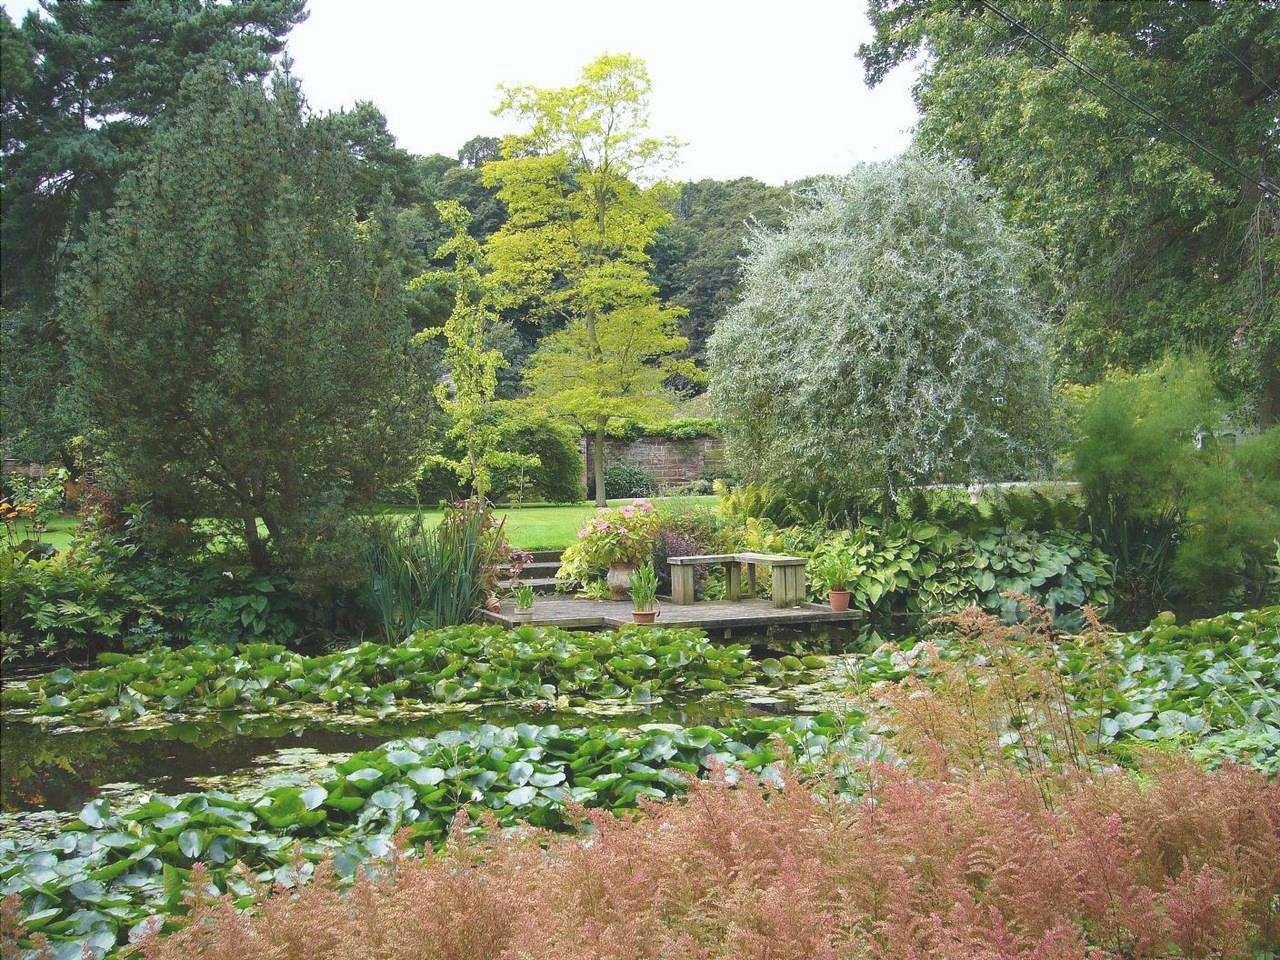 Il giardino inglese è uno stile informale di giardino